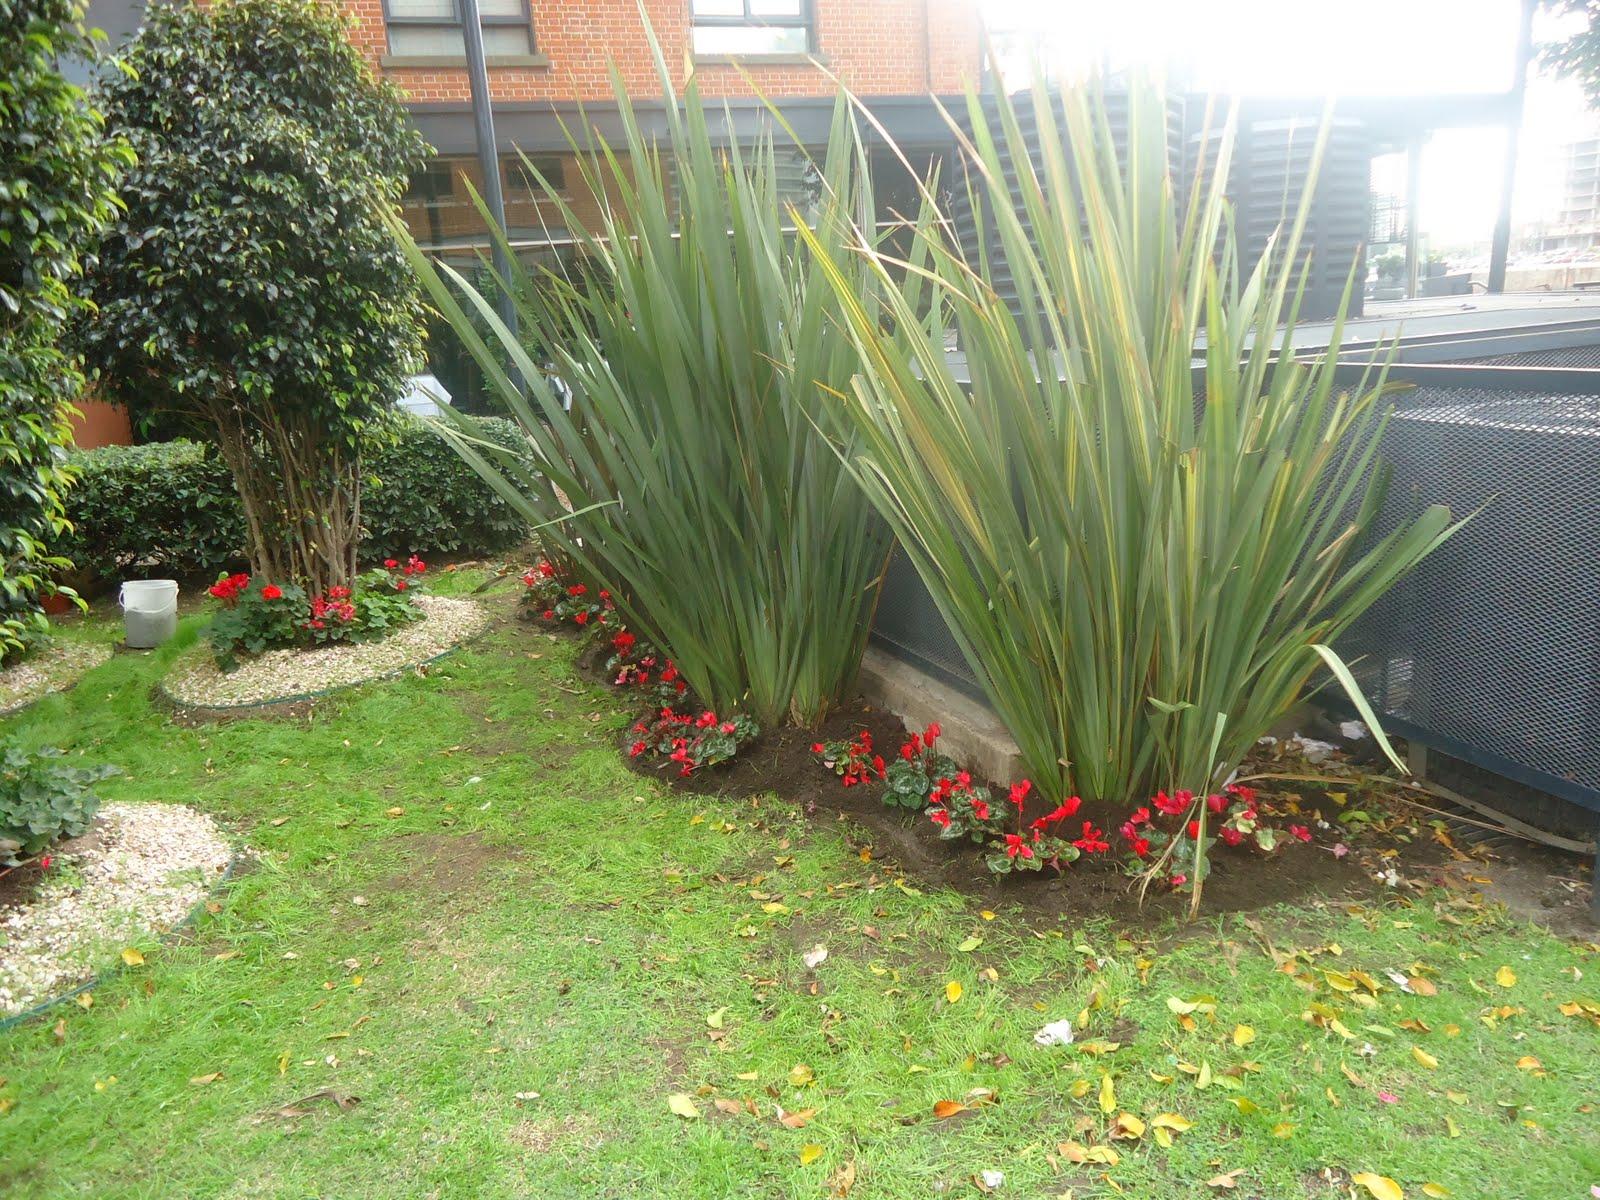 Servicios de jardineria en barrio colegiales telf 4849 5113 - Servicios de jardineria ...